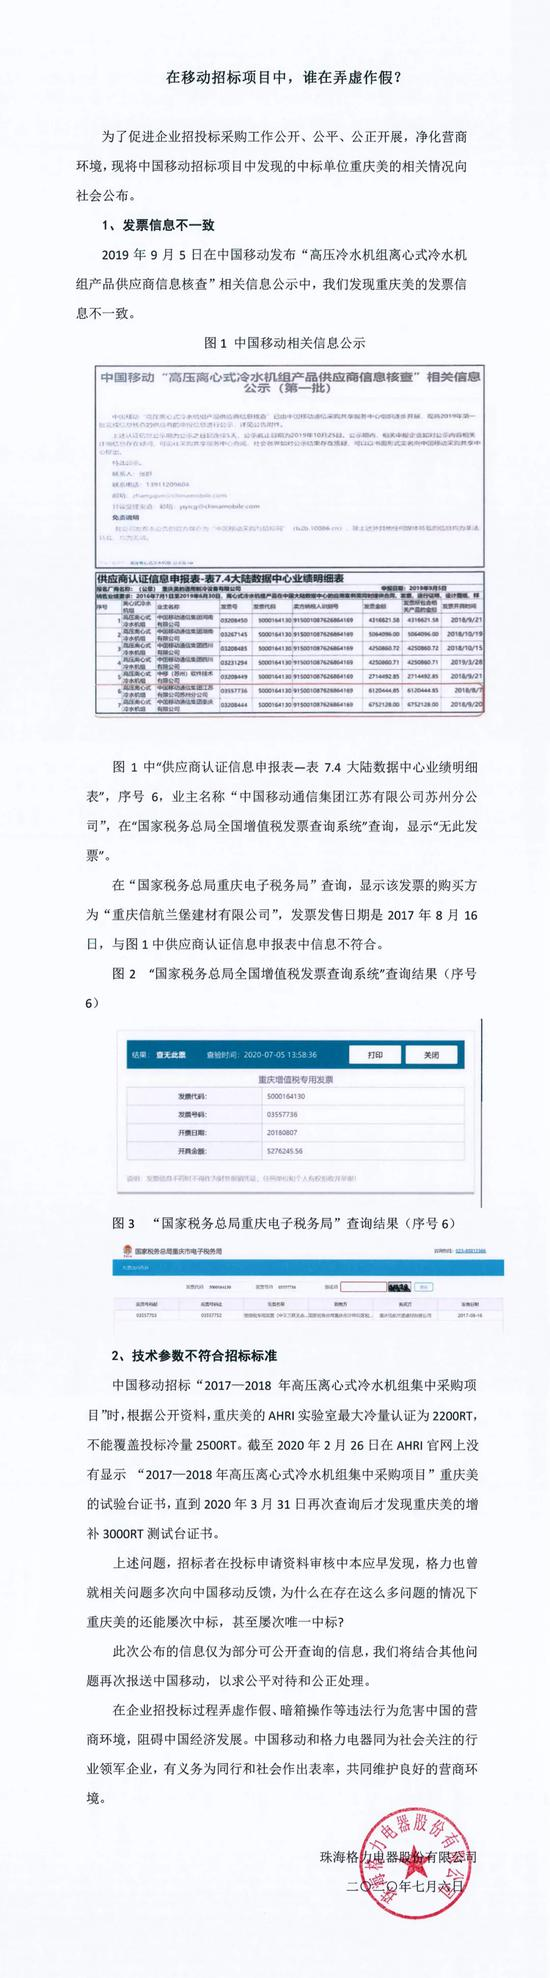 格力电器质疑中国移动:重庆美的存在很多问题 还能屡次中标